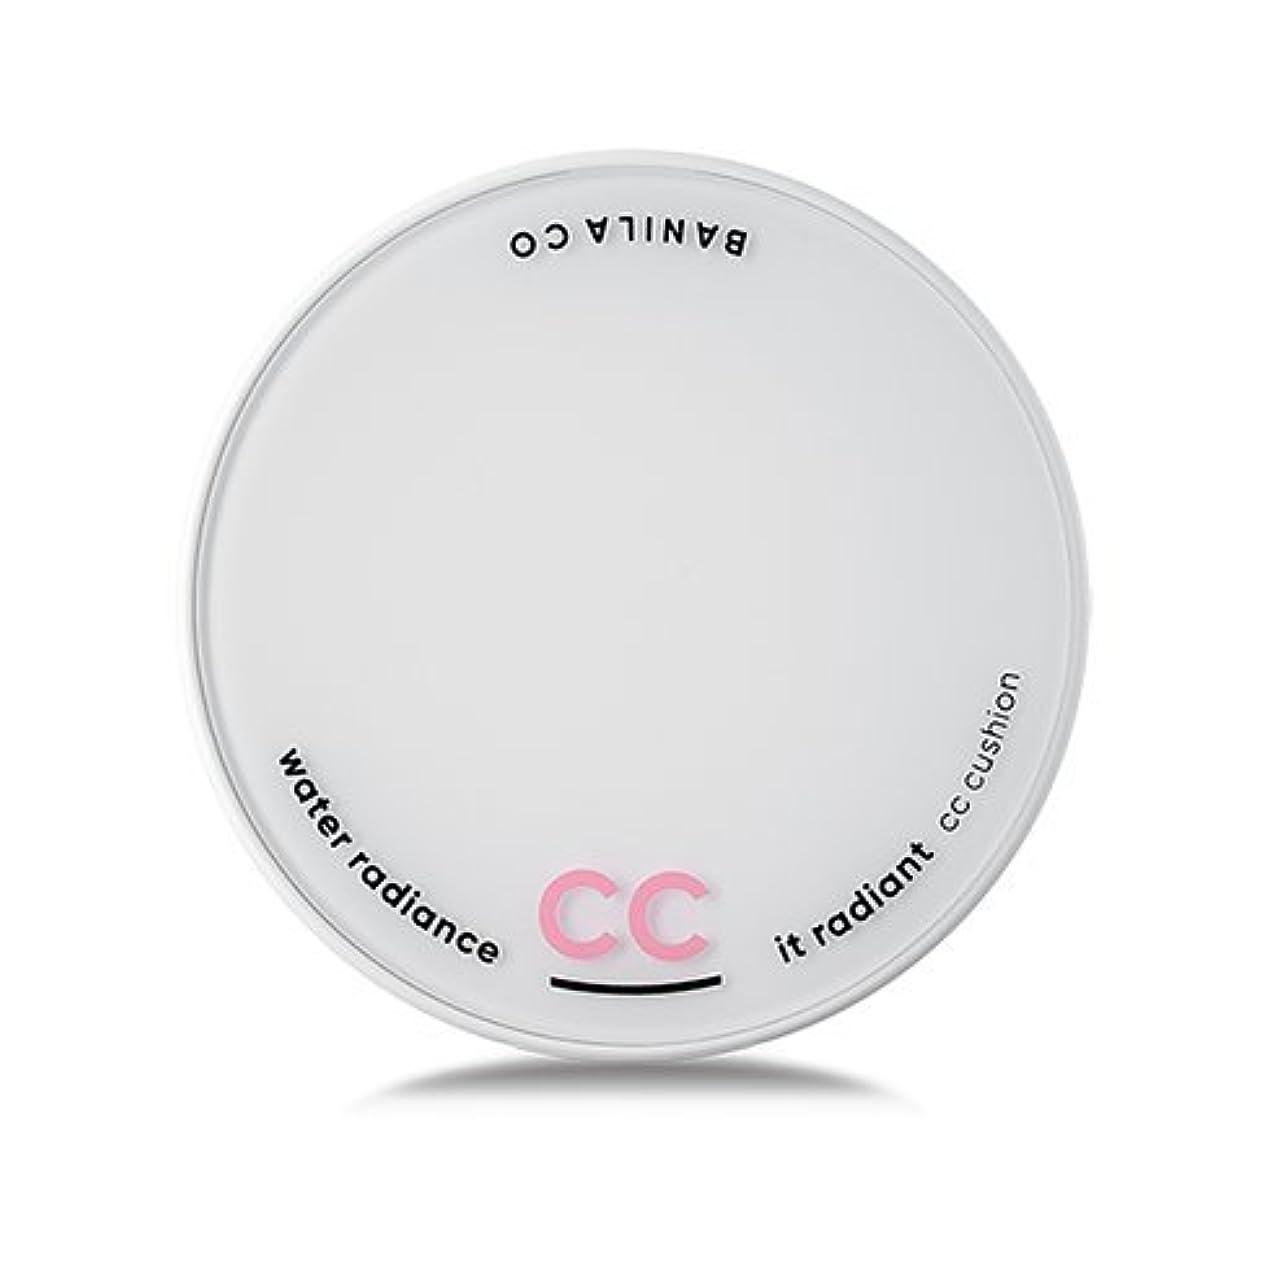 休戦ペストパワーセル[Renewal] BANILA CO It Radiant CC Cushion 15g + Refill 15g/バニラコ イット ラディアント CC クッション 15g + リフィル 15g (#Natural Beige...